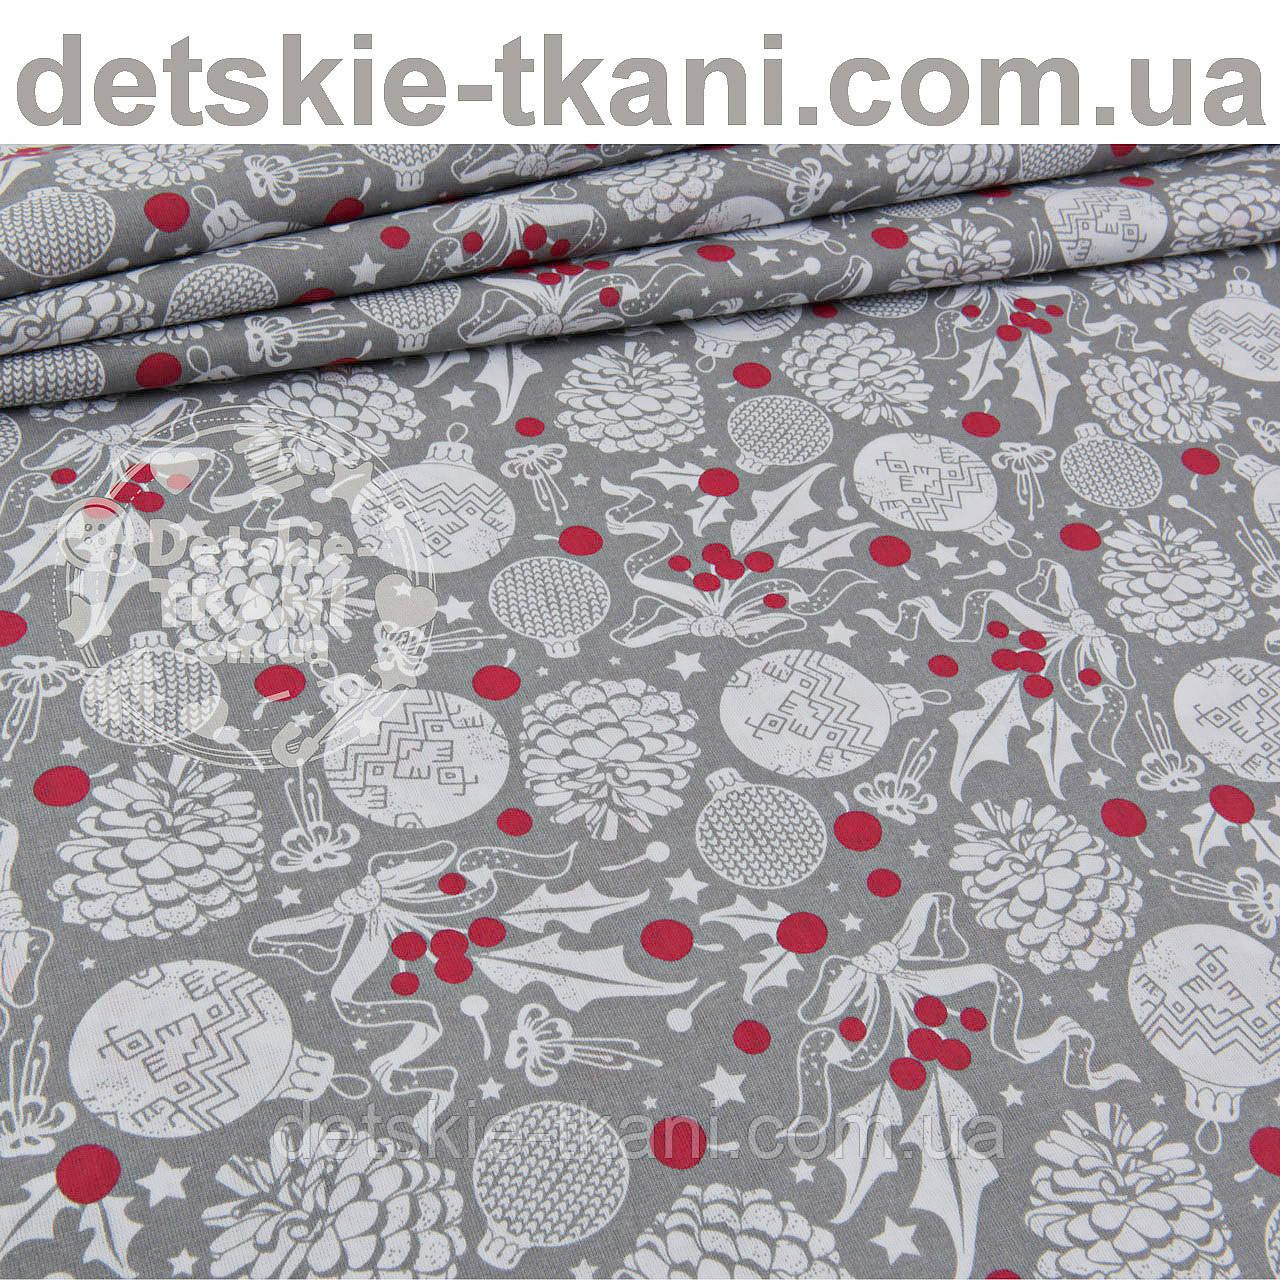 Лоскут ткани с шишками и красными ягодами на сером фоне №946